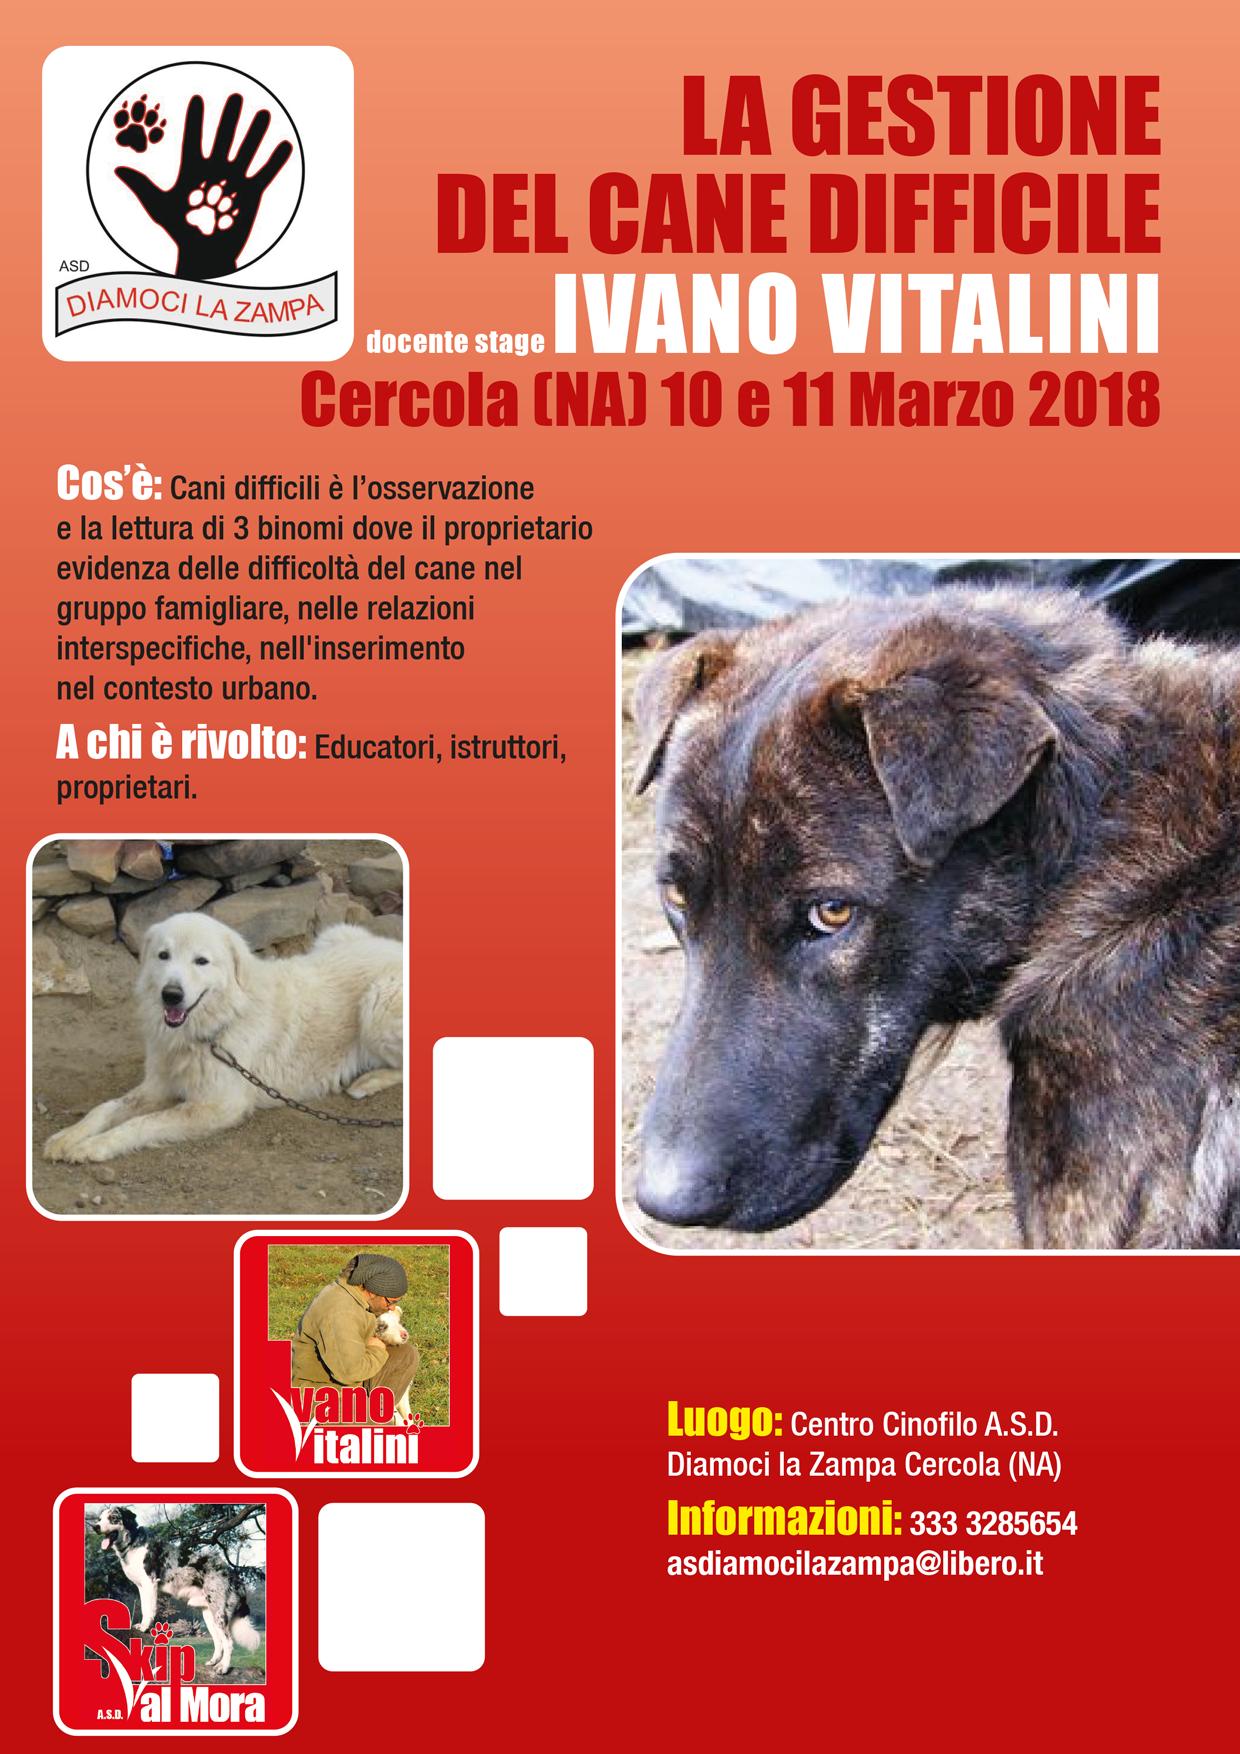 Cercola (NA) 10 e 11 Marzo 2018 - La gestione del cane difficile con Ivano Vitalini